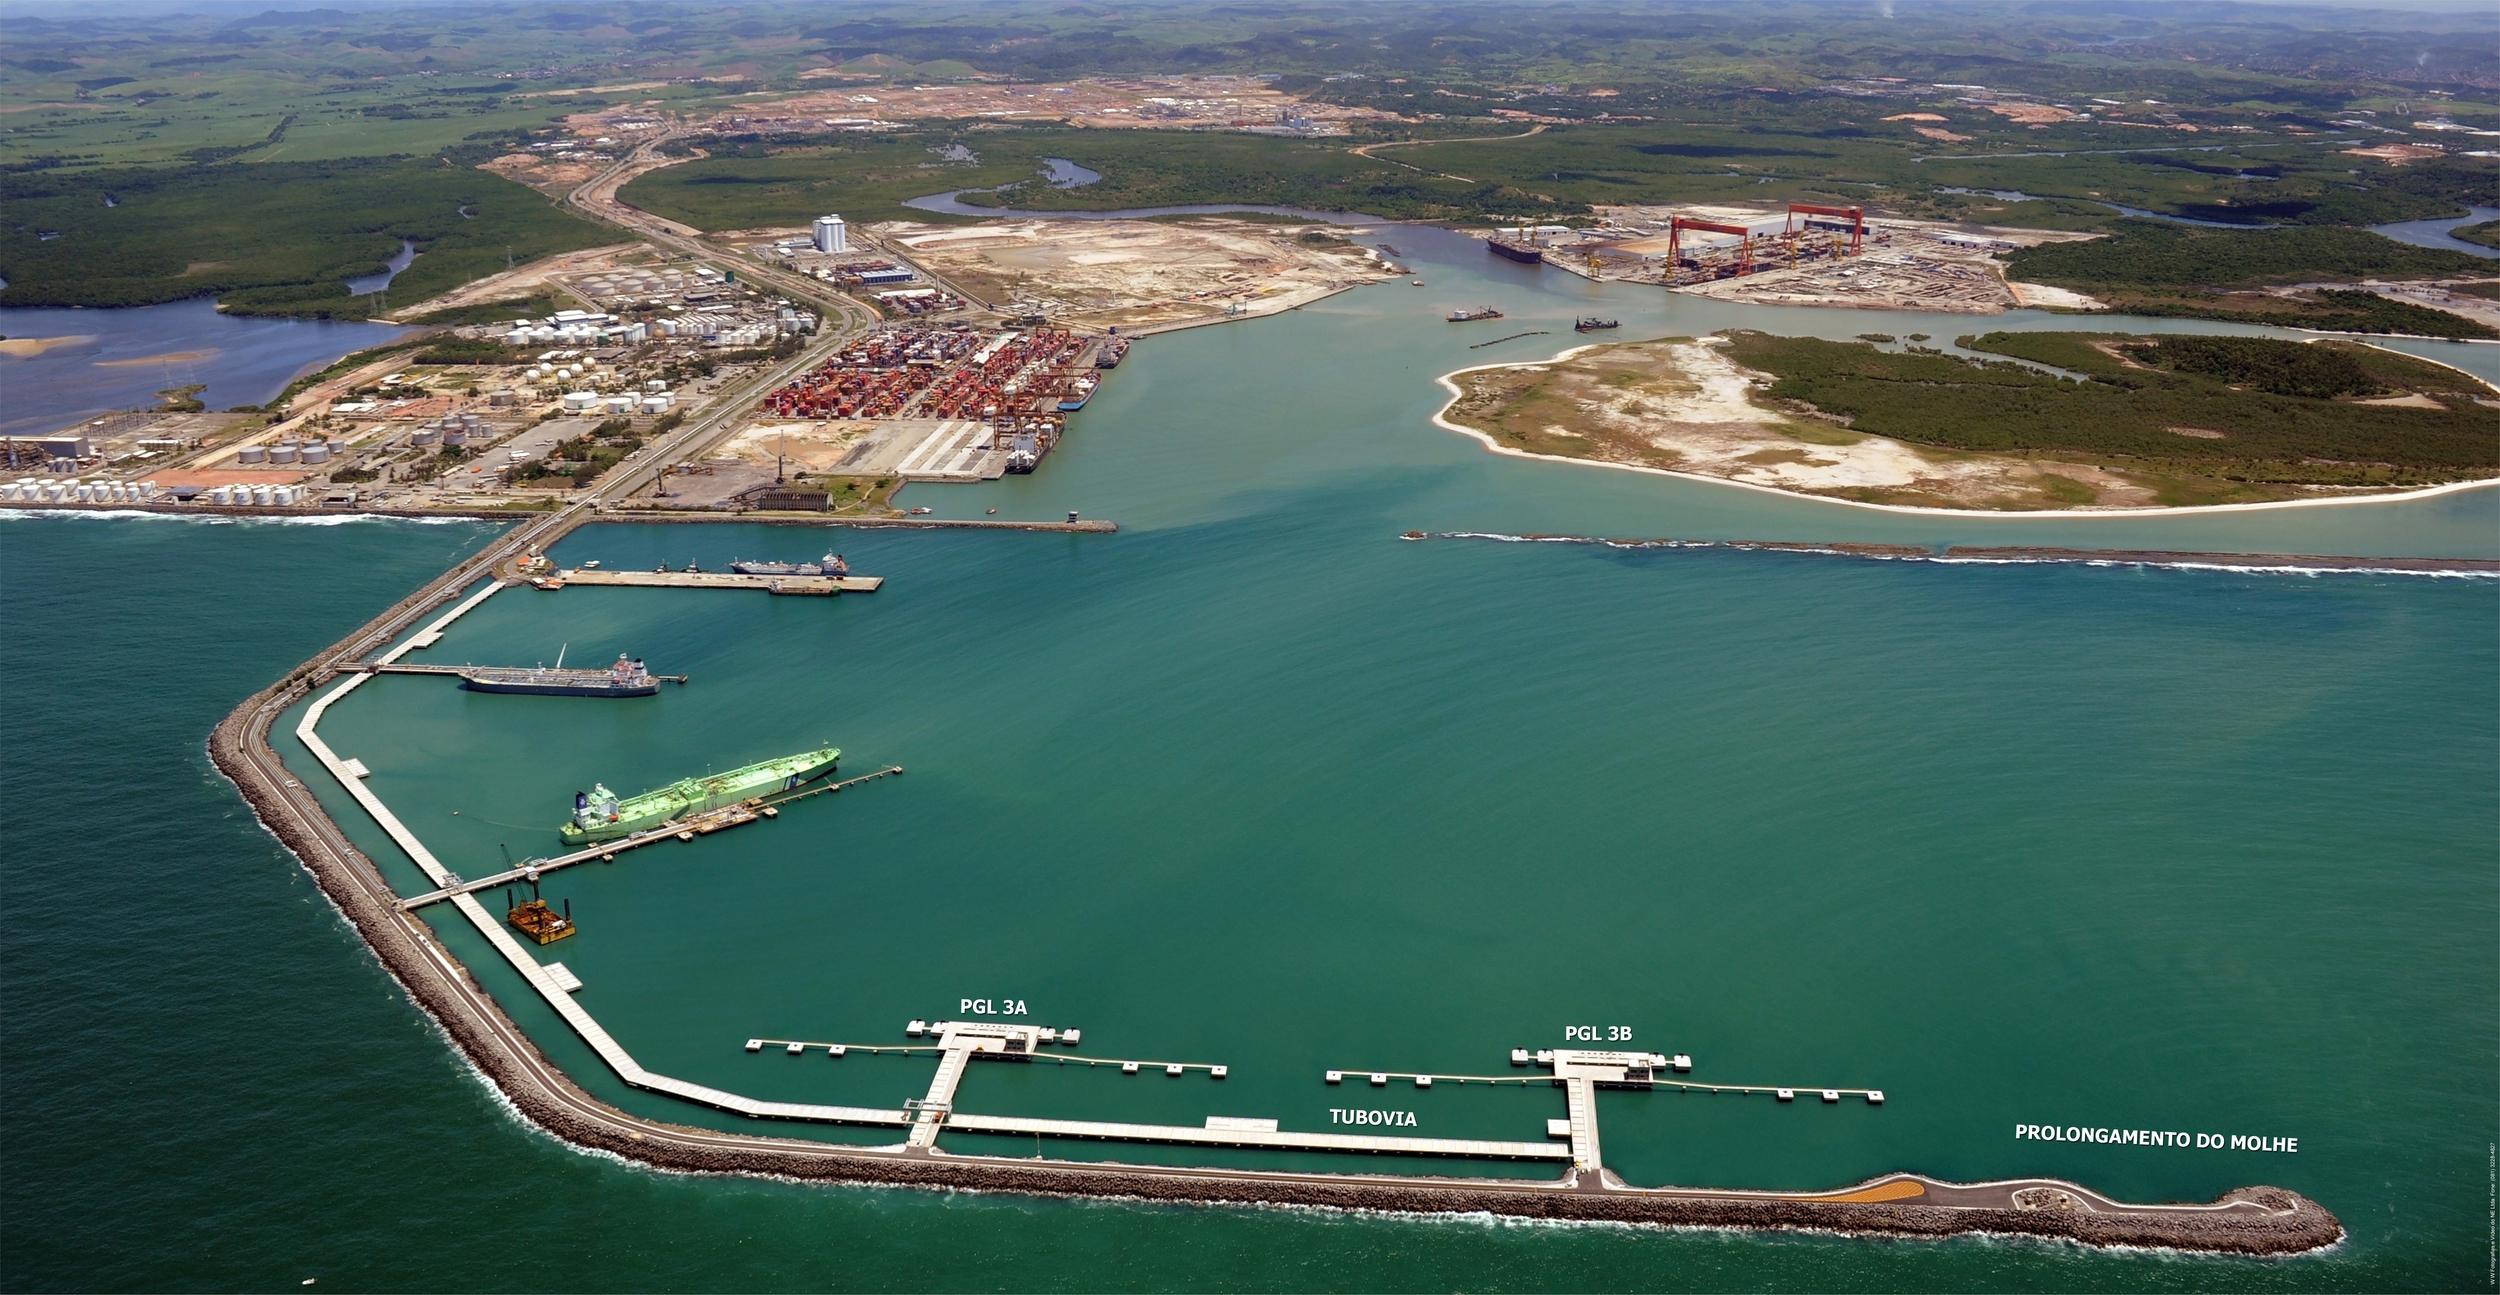 Legenda: Porto do Suape. Crédito: Governo de Pernambuco.